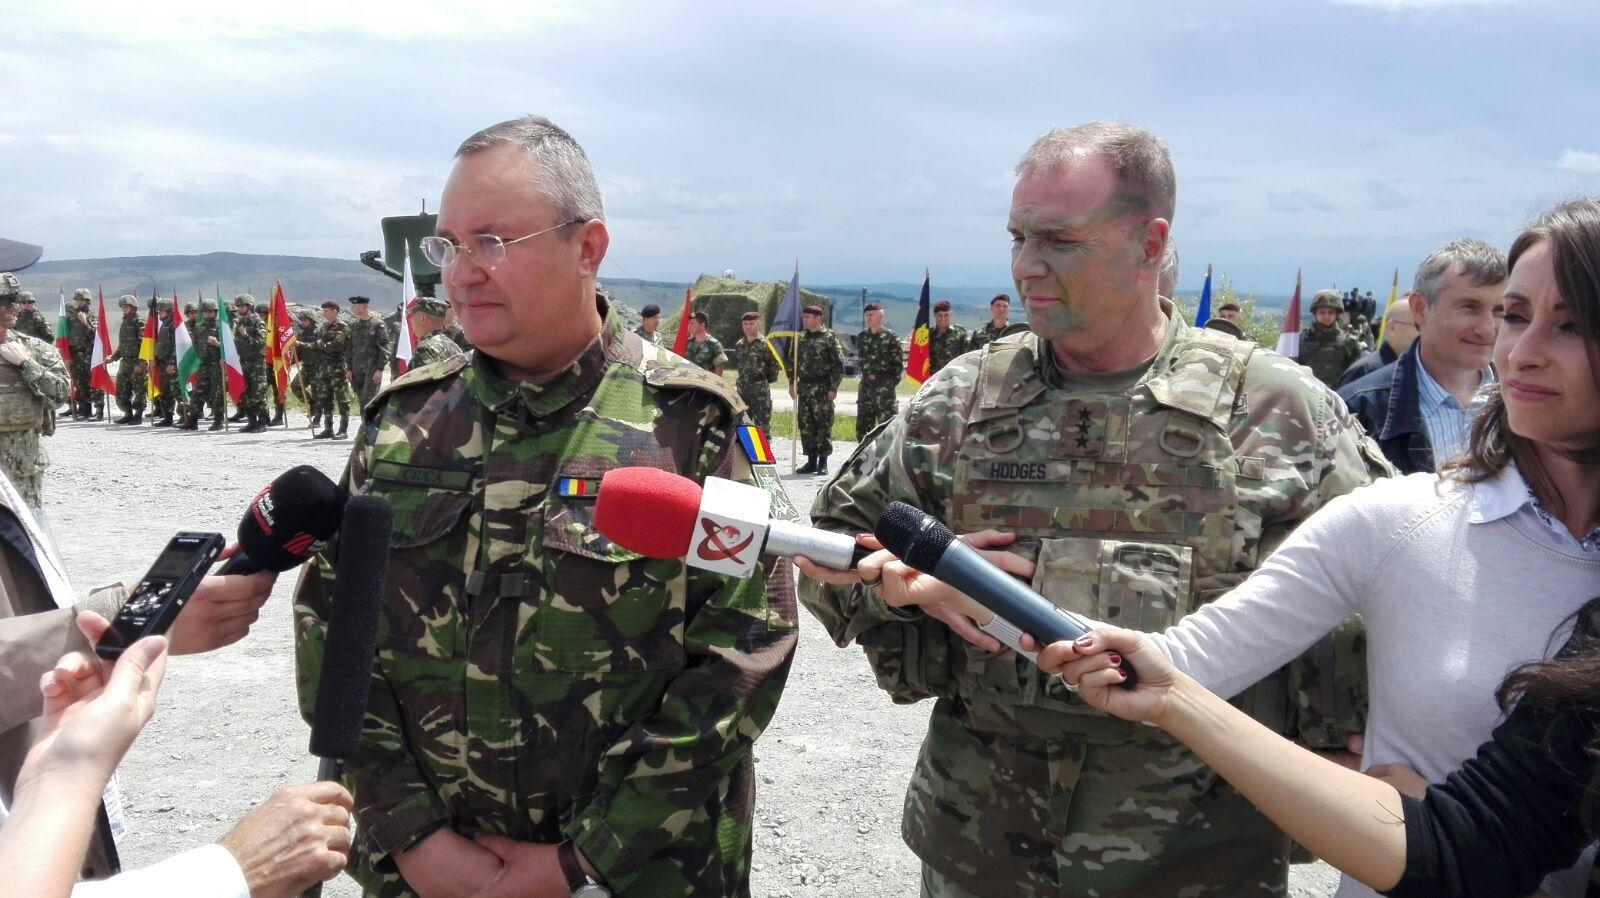 Comandantul Forţelor Terestre Americane din Europa, la Cincu: Am demonstrat că suntem împreună şi pregătiţi. NATO lasă uşa deschisă pentru Rusia, dar trebuie să arate că Alianţa e puternică şi pregătită pentru orice